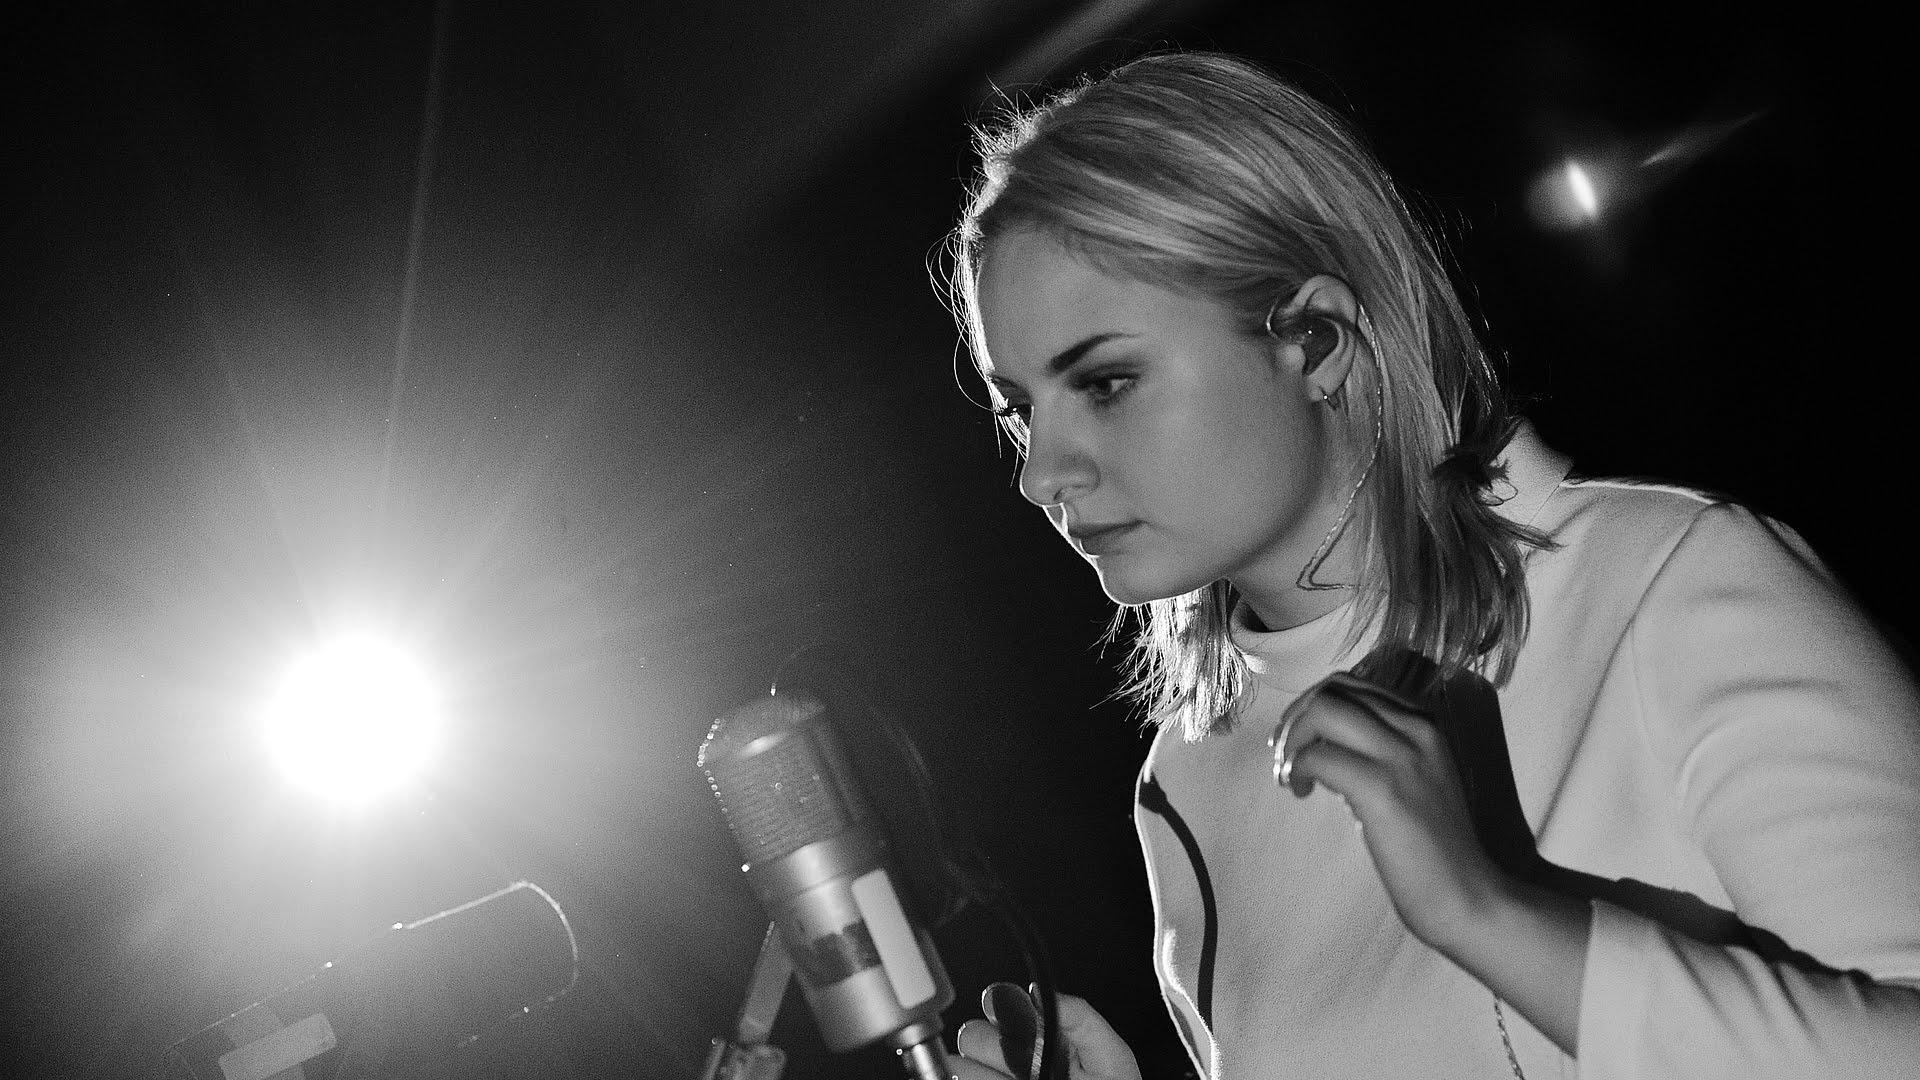 Låpsley' announces album 'Long Way Home', out March 4 on XL Recordings.